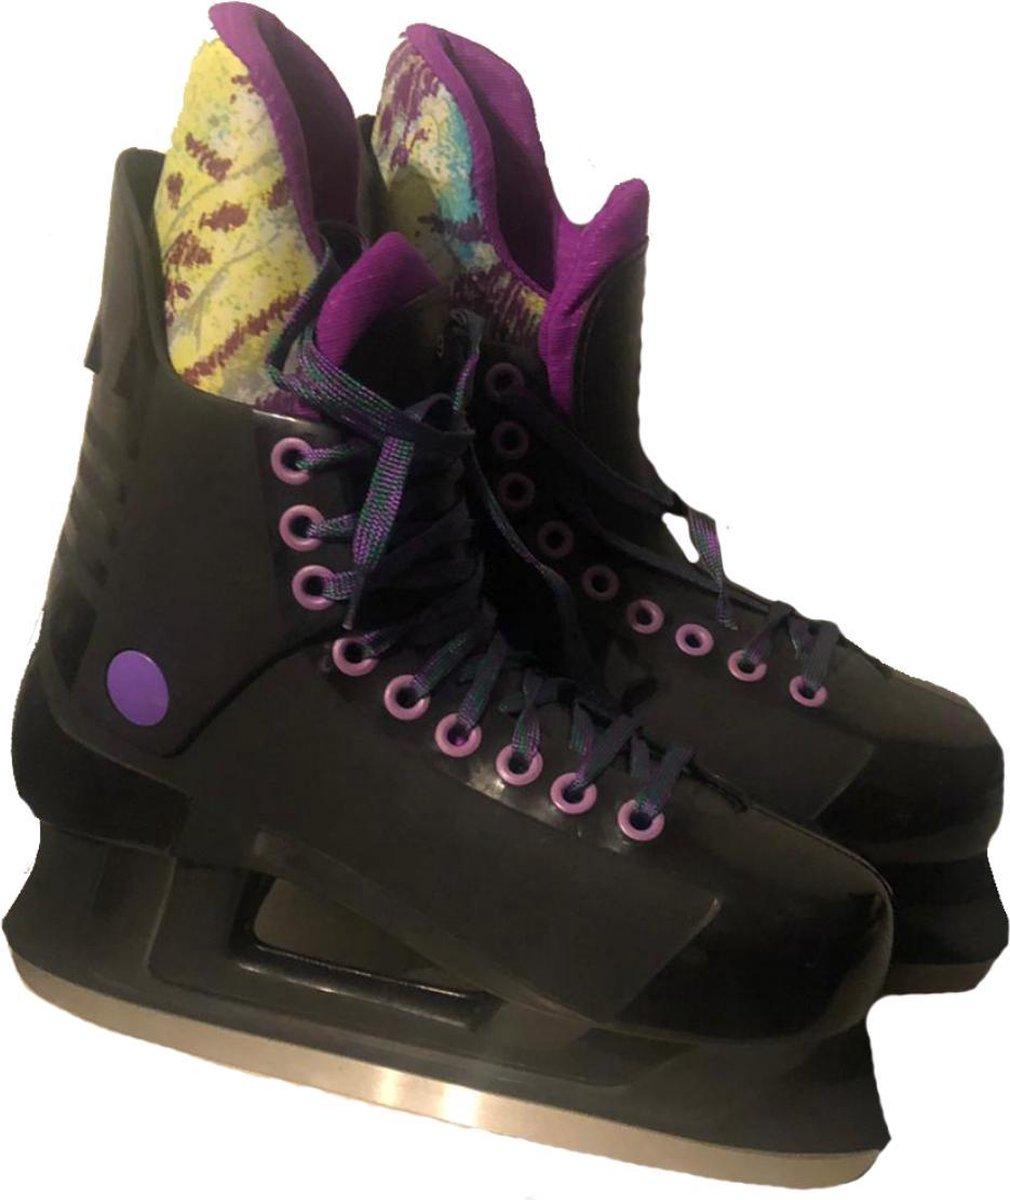 ACRO - IJshockeyschaats Polyester - Schaatsen - ijs schaats - Deluxe - Unisex - ijshockey schaatsen - Maat 40